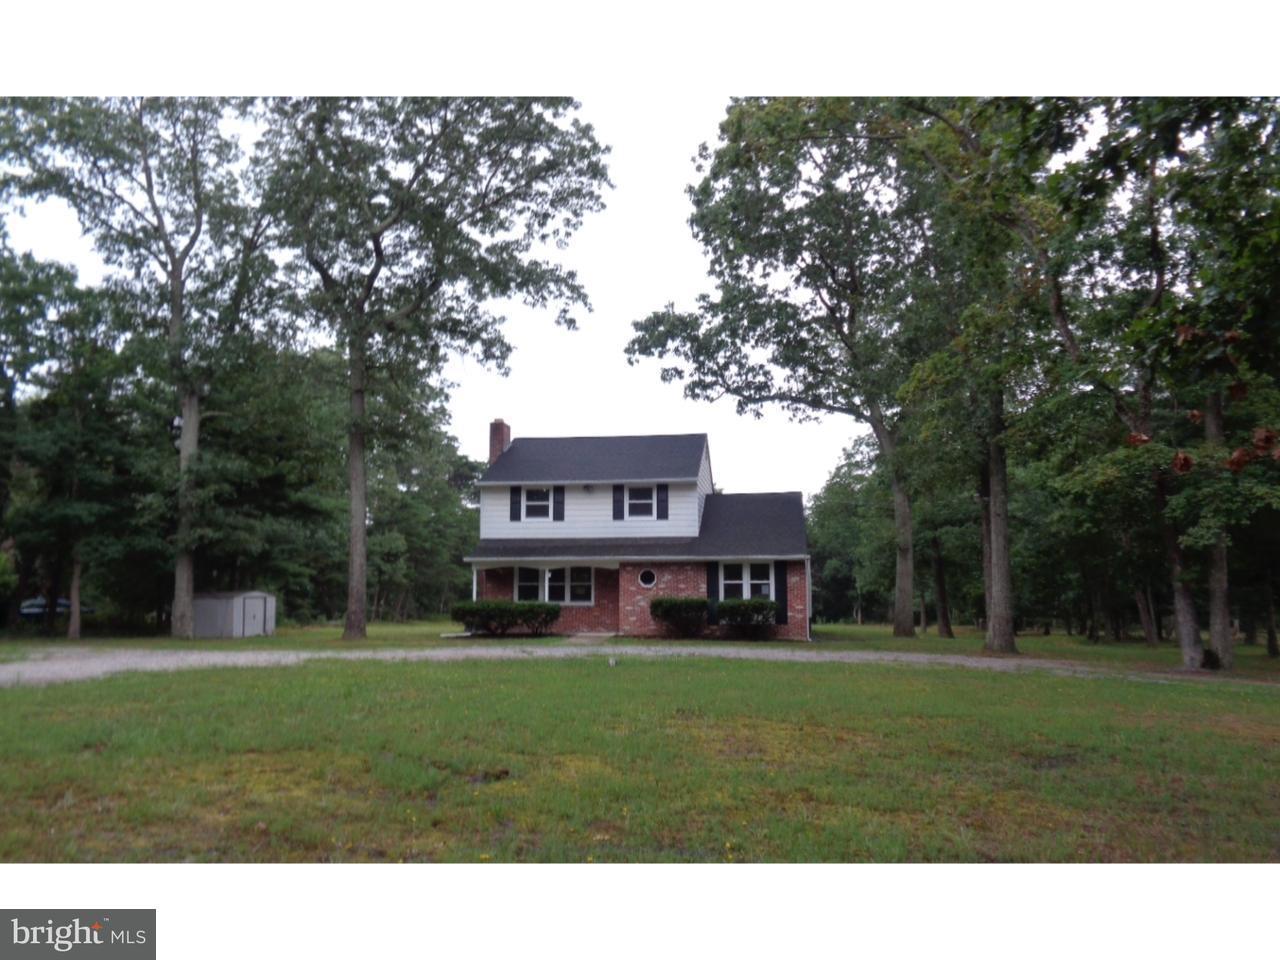 Частный односемейный дом для того Продажа на 2376 S FIRELANE Road Vincentown, Нью-Джерси 08088 Соединенные Штаты